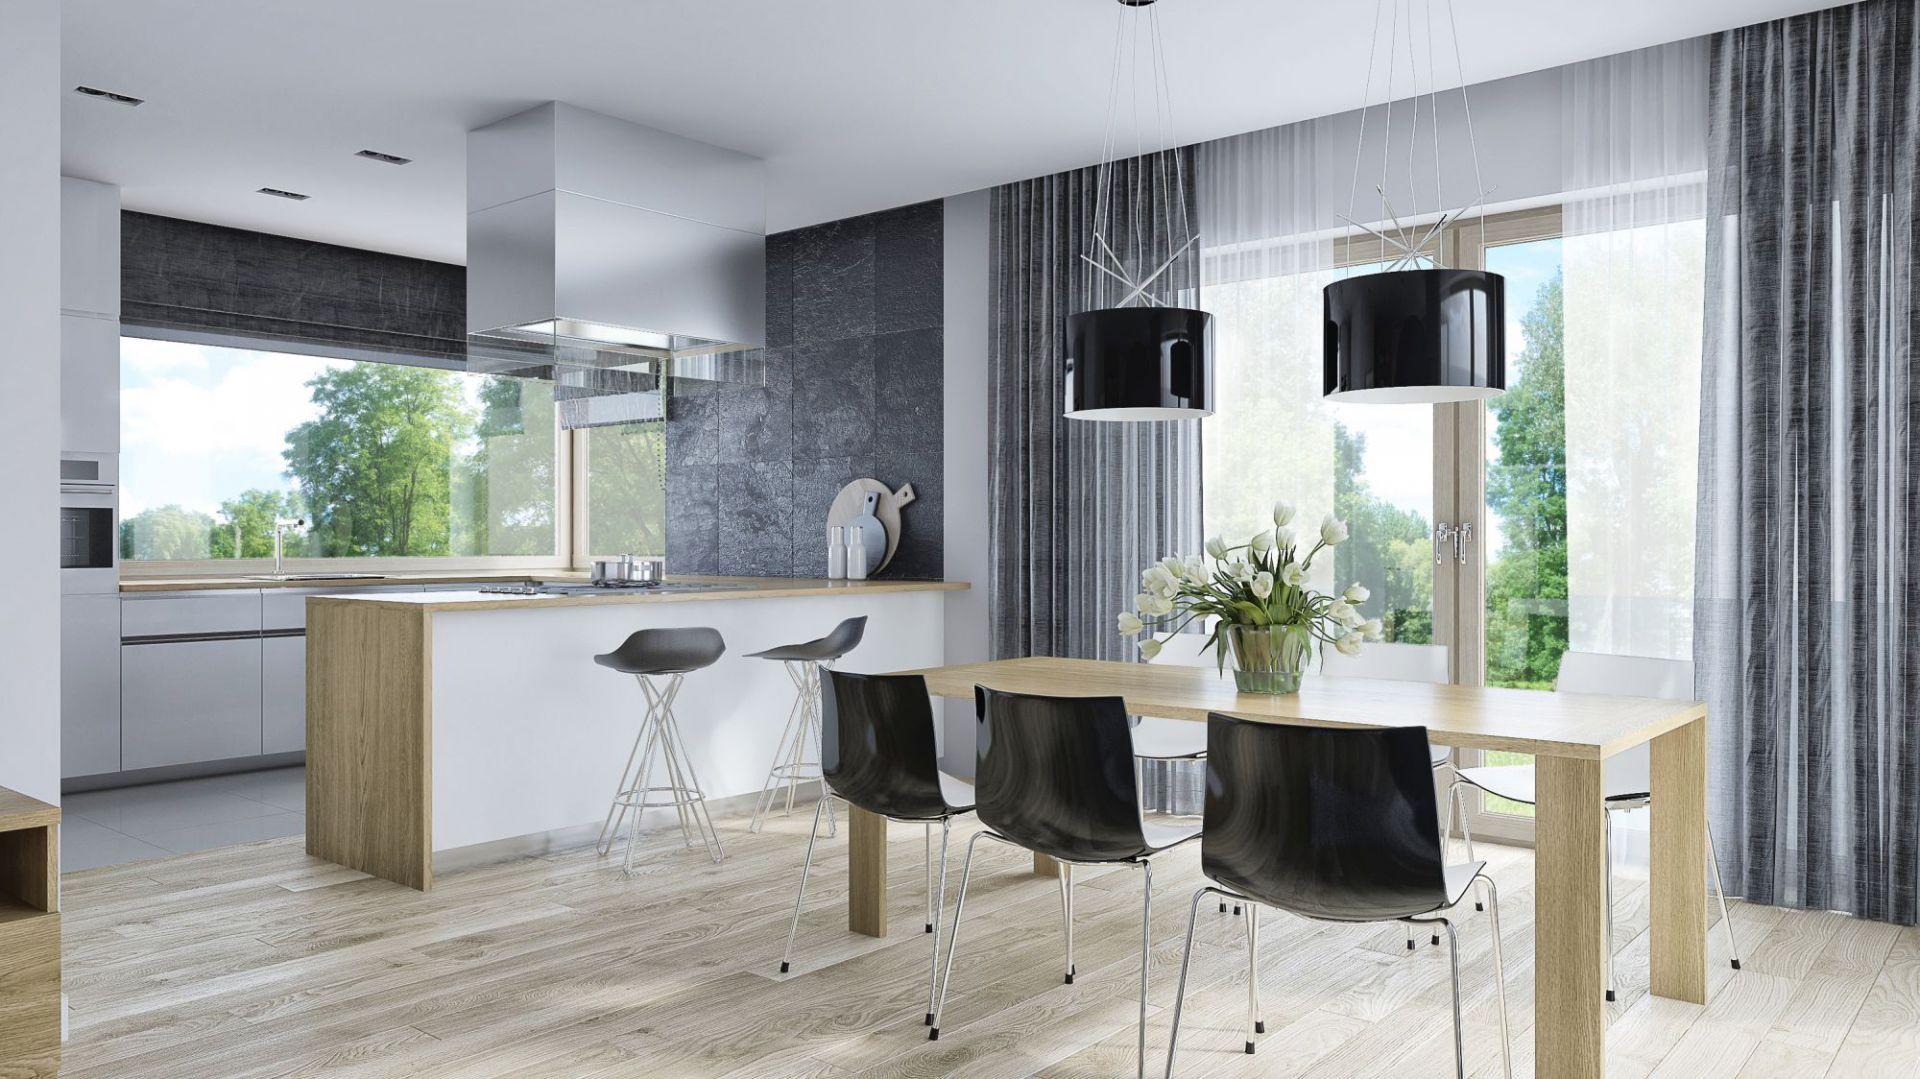 Otwarta kuchnia została od jadalni odseparowana modnym barem. Dom TK 79. Projekt: arch. Tomasz Kałaska. Fot. Architeka Tomasz Kałaska